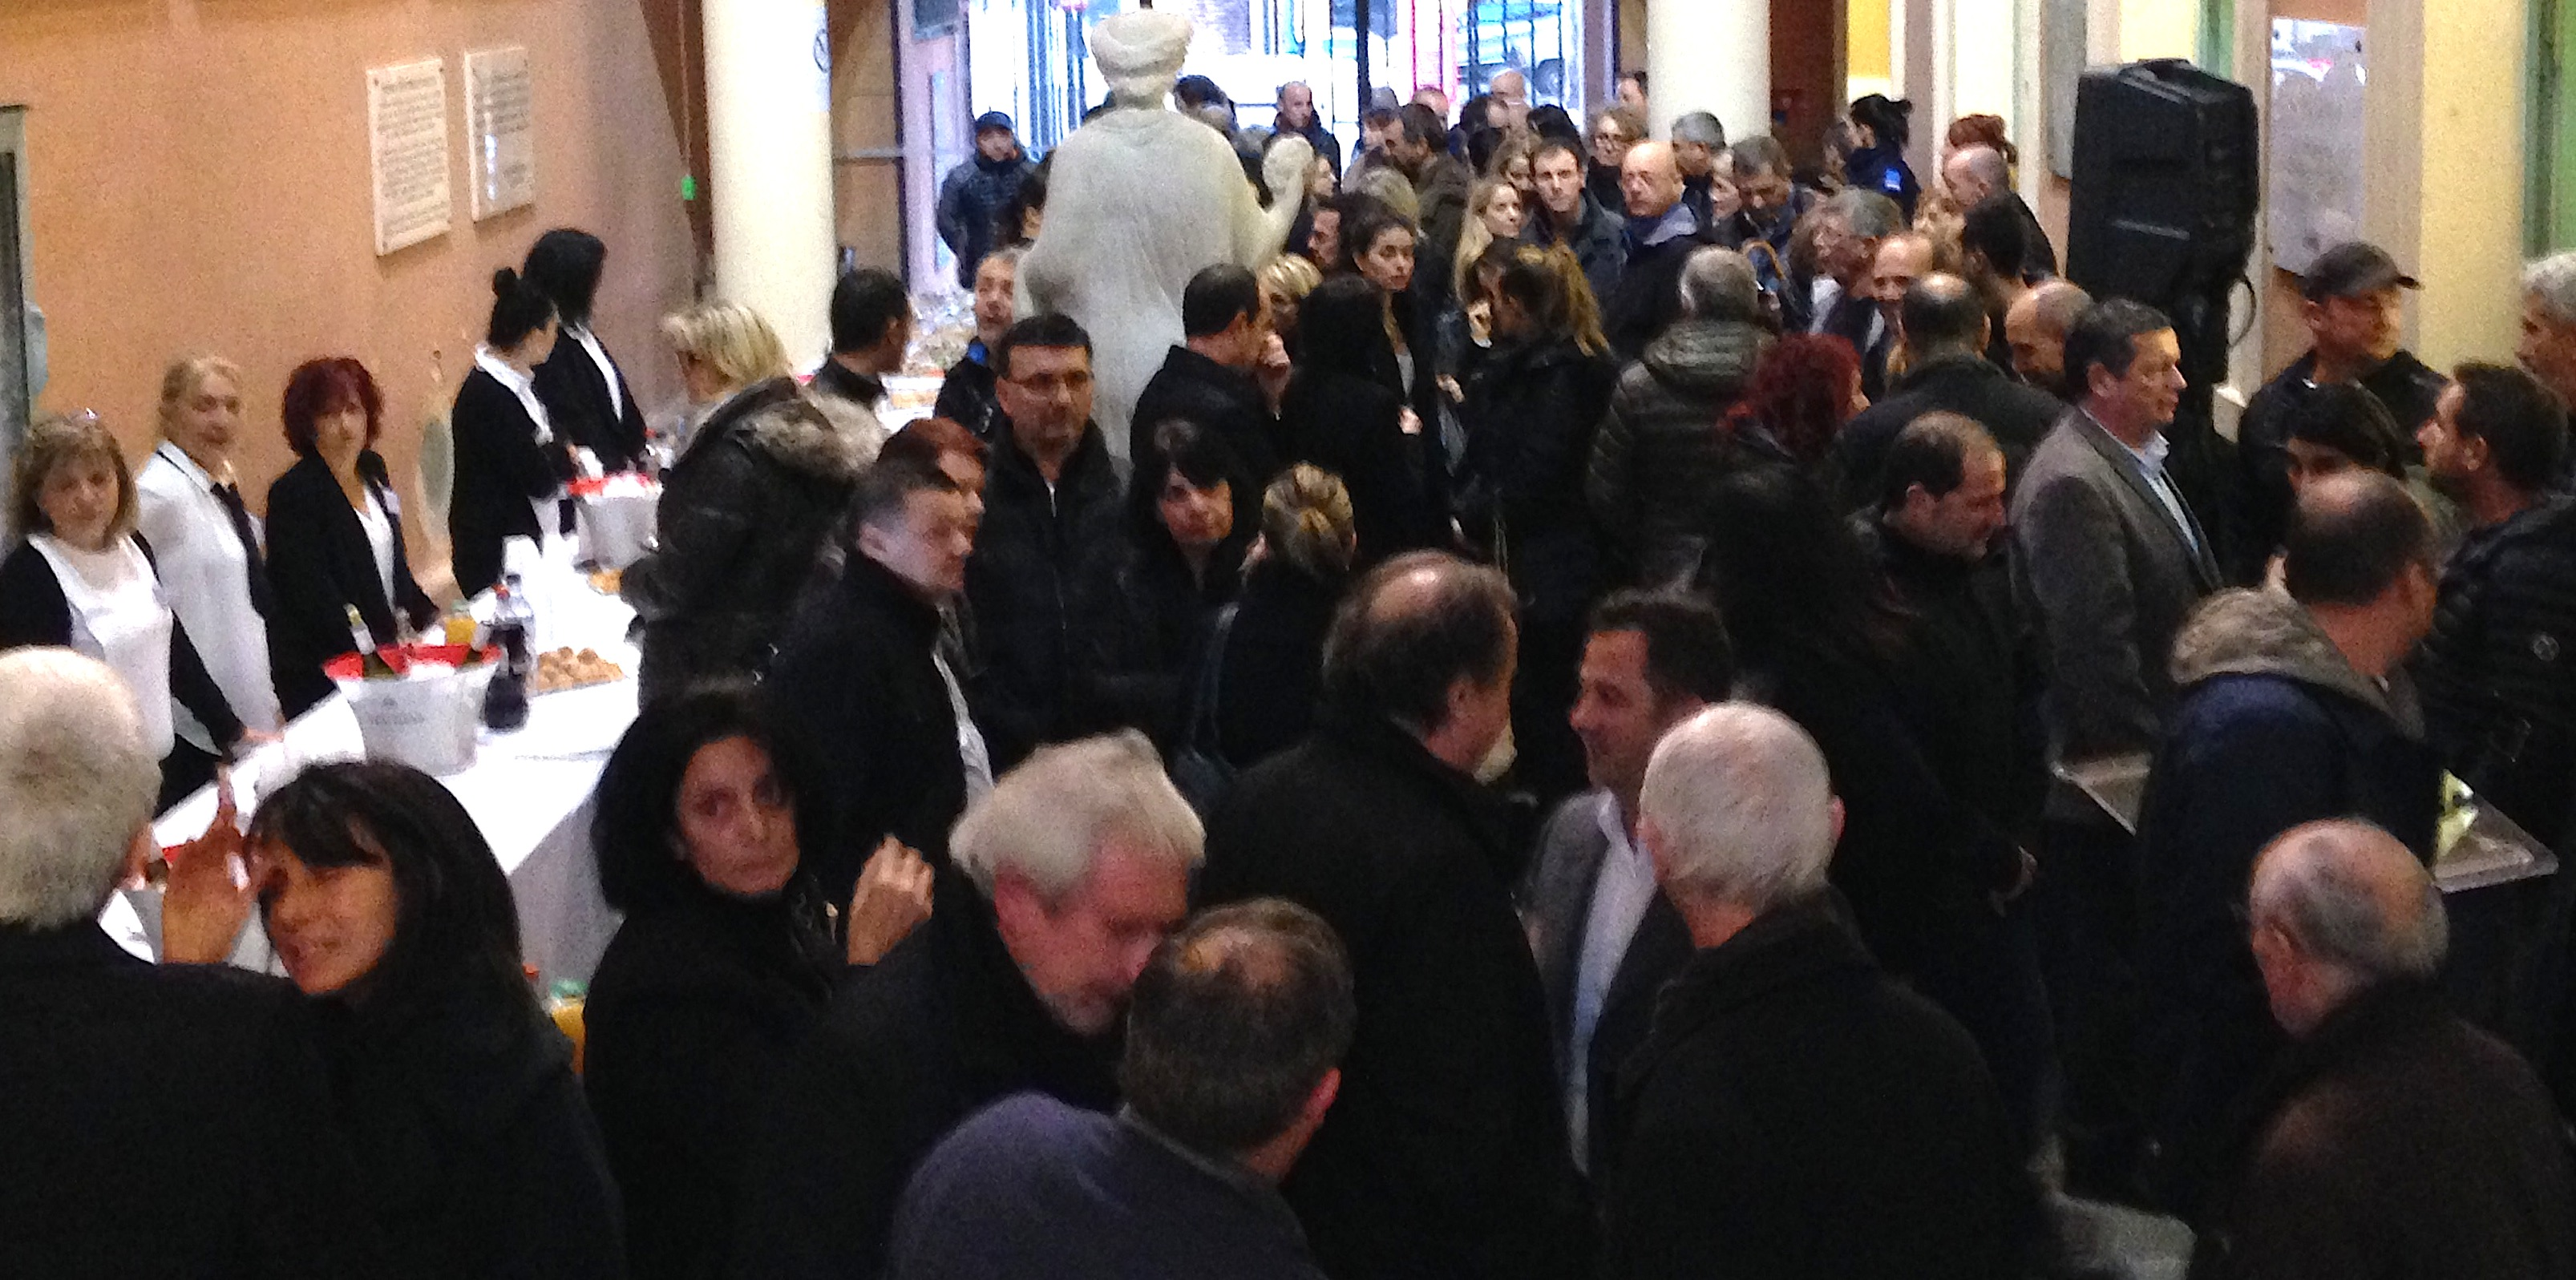 Cérémonie des vœux aux personnels de la mairie d'Ajaccio  Laurent Marcangeli : « Nous sommes fiers de vous »